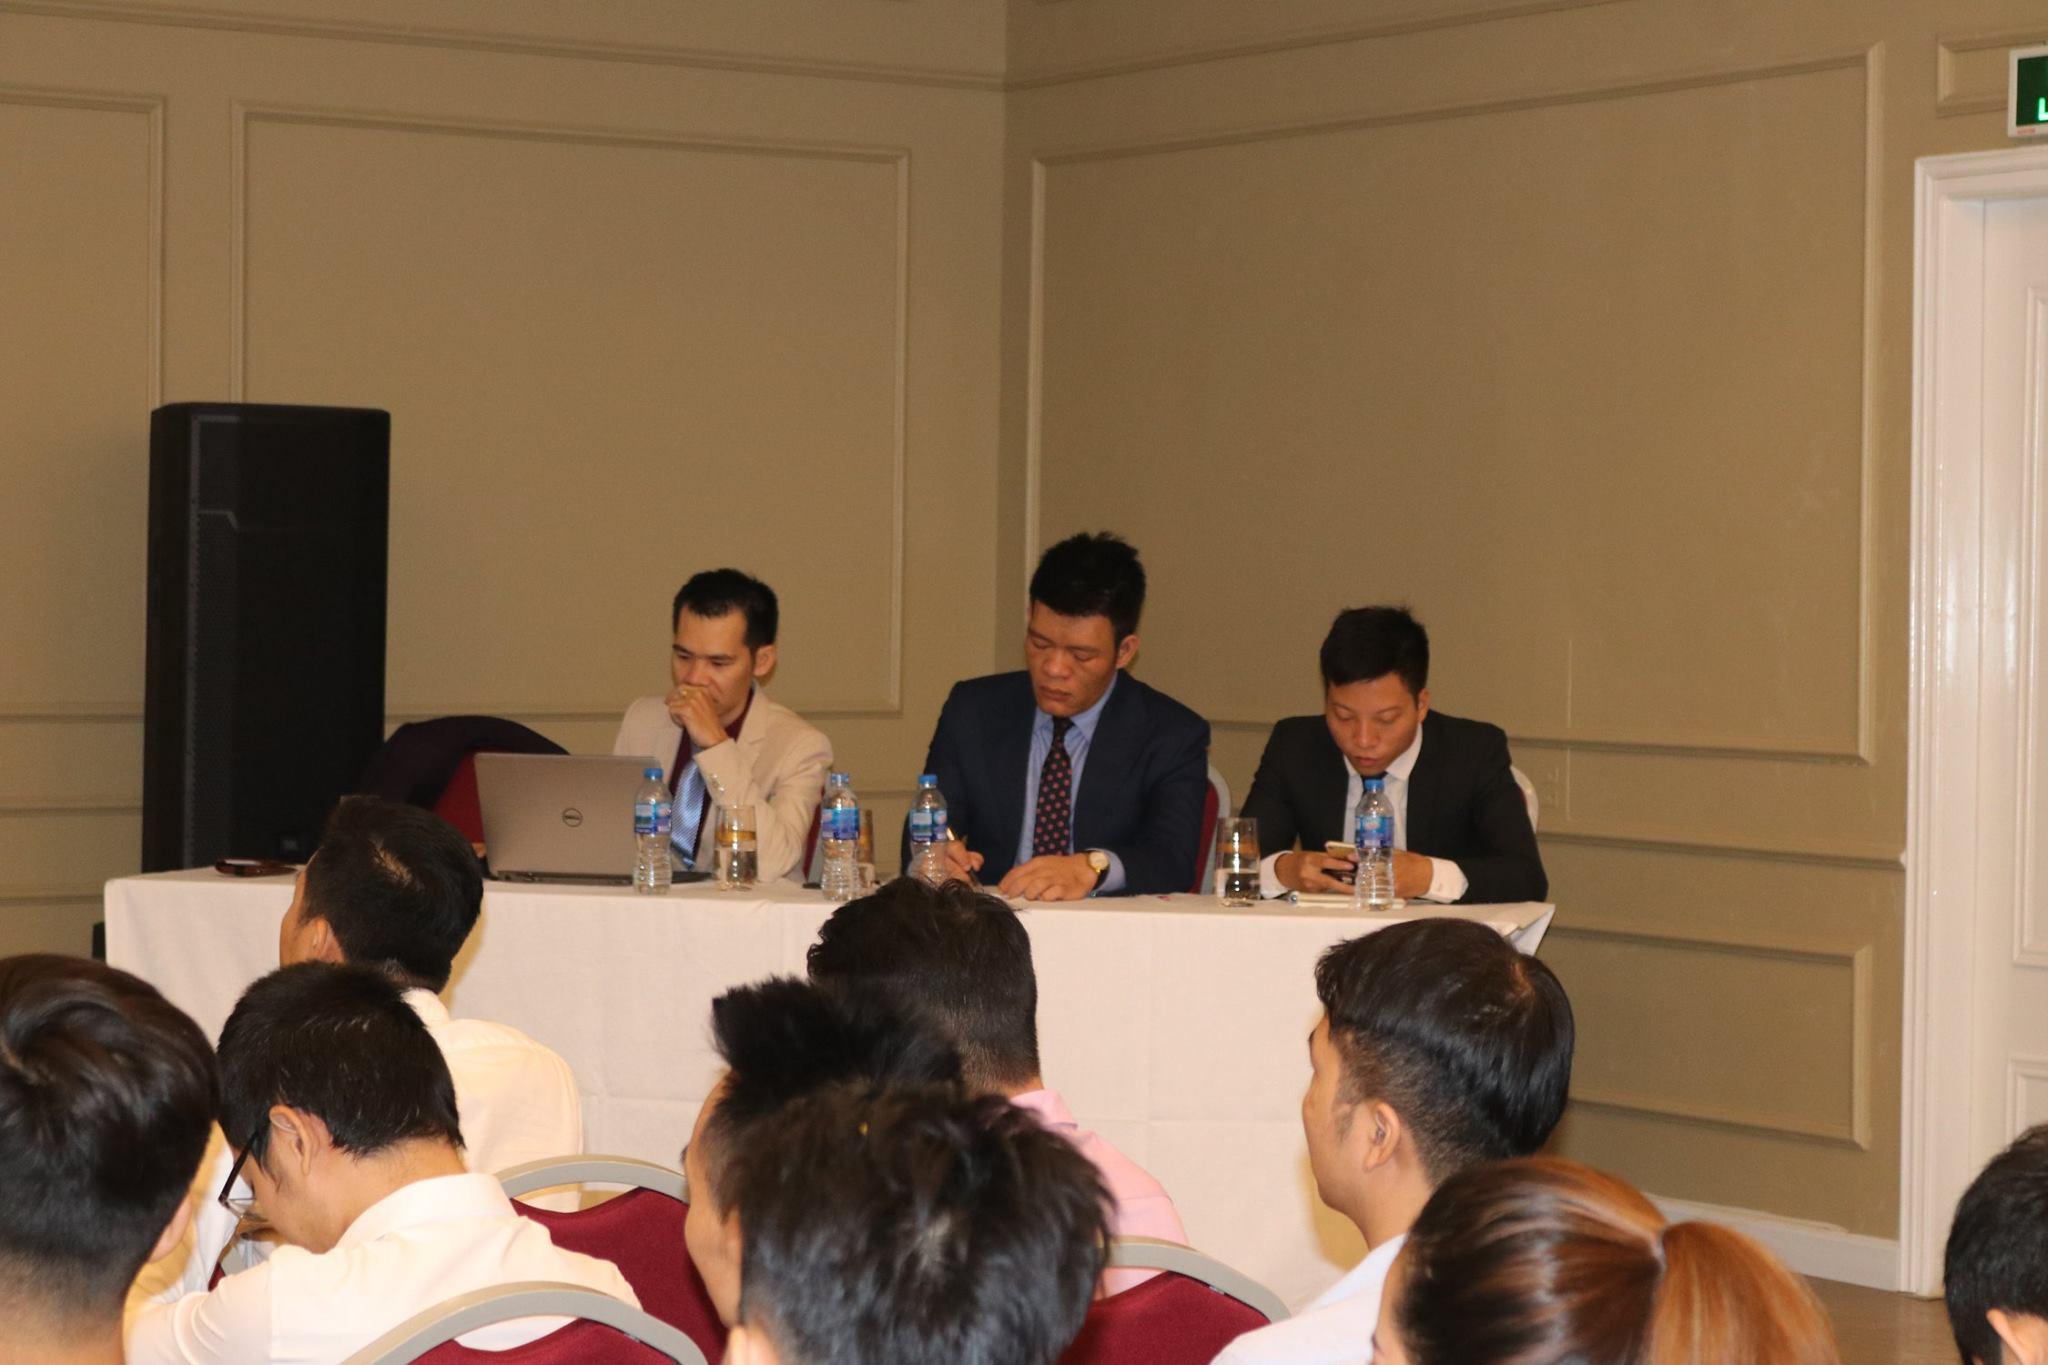 Các chuyên gia đã chia sẻ với hội thảo nhiều kinh nghiệm quý báu cũng như tầm nhìn về lĩnh vực BĐS trong thời đại mới